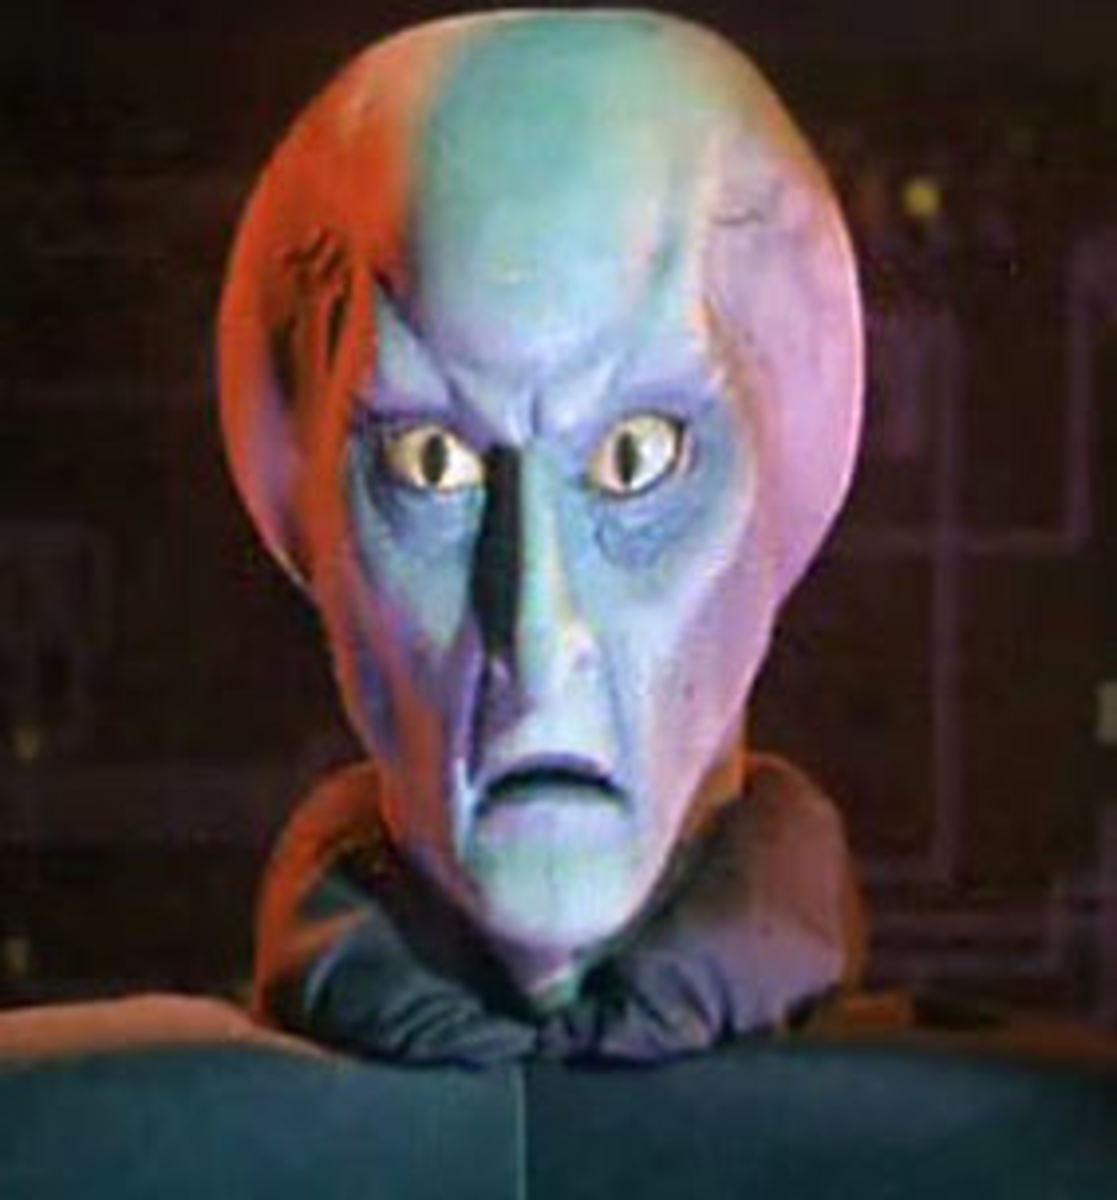 Star Trek classic: Alien